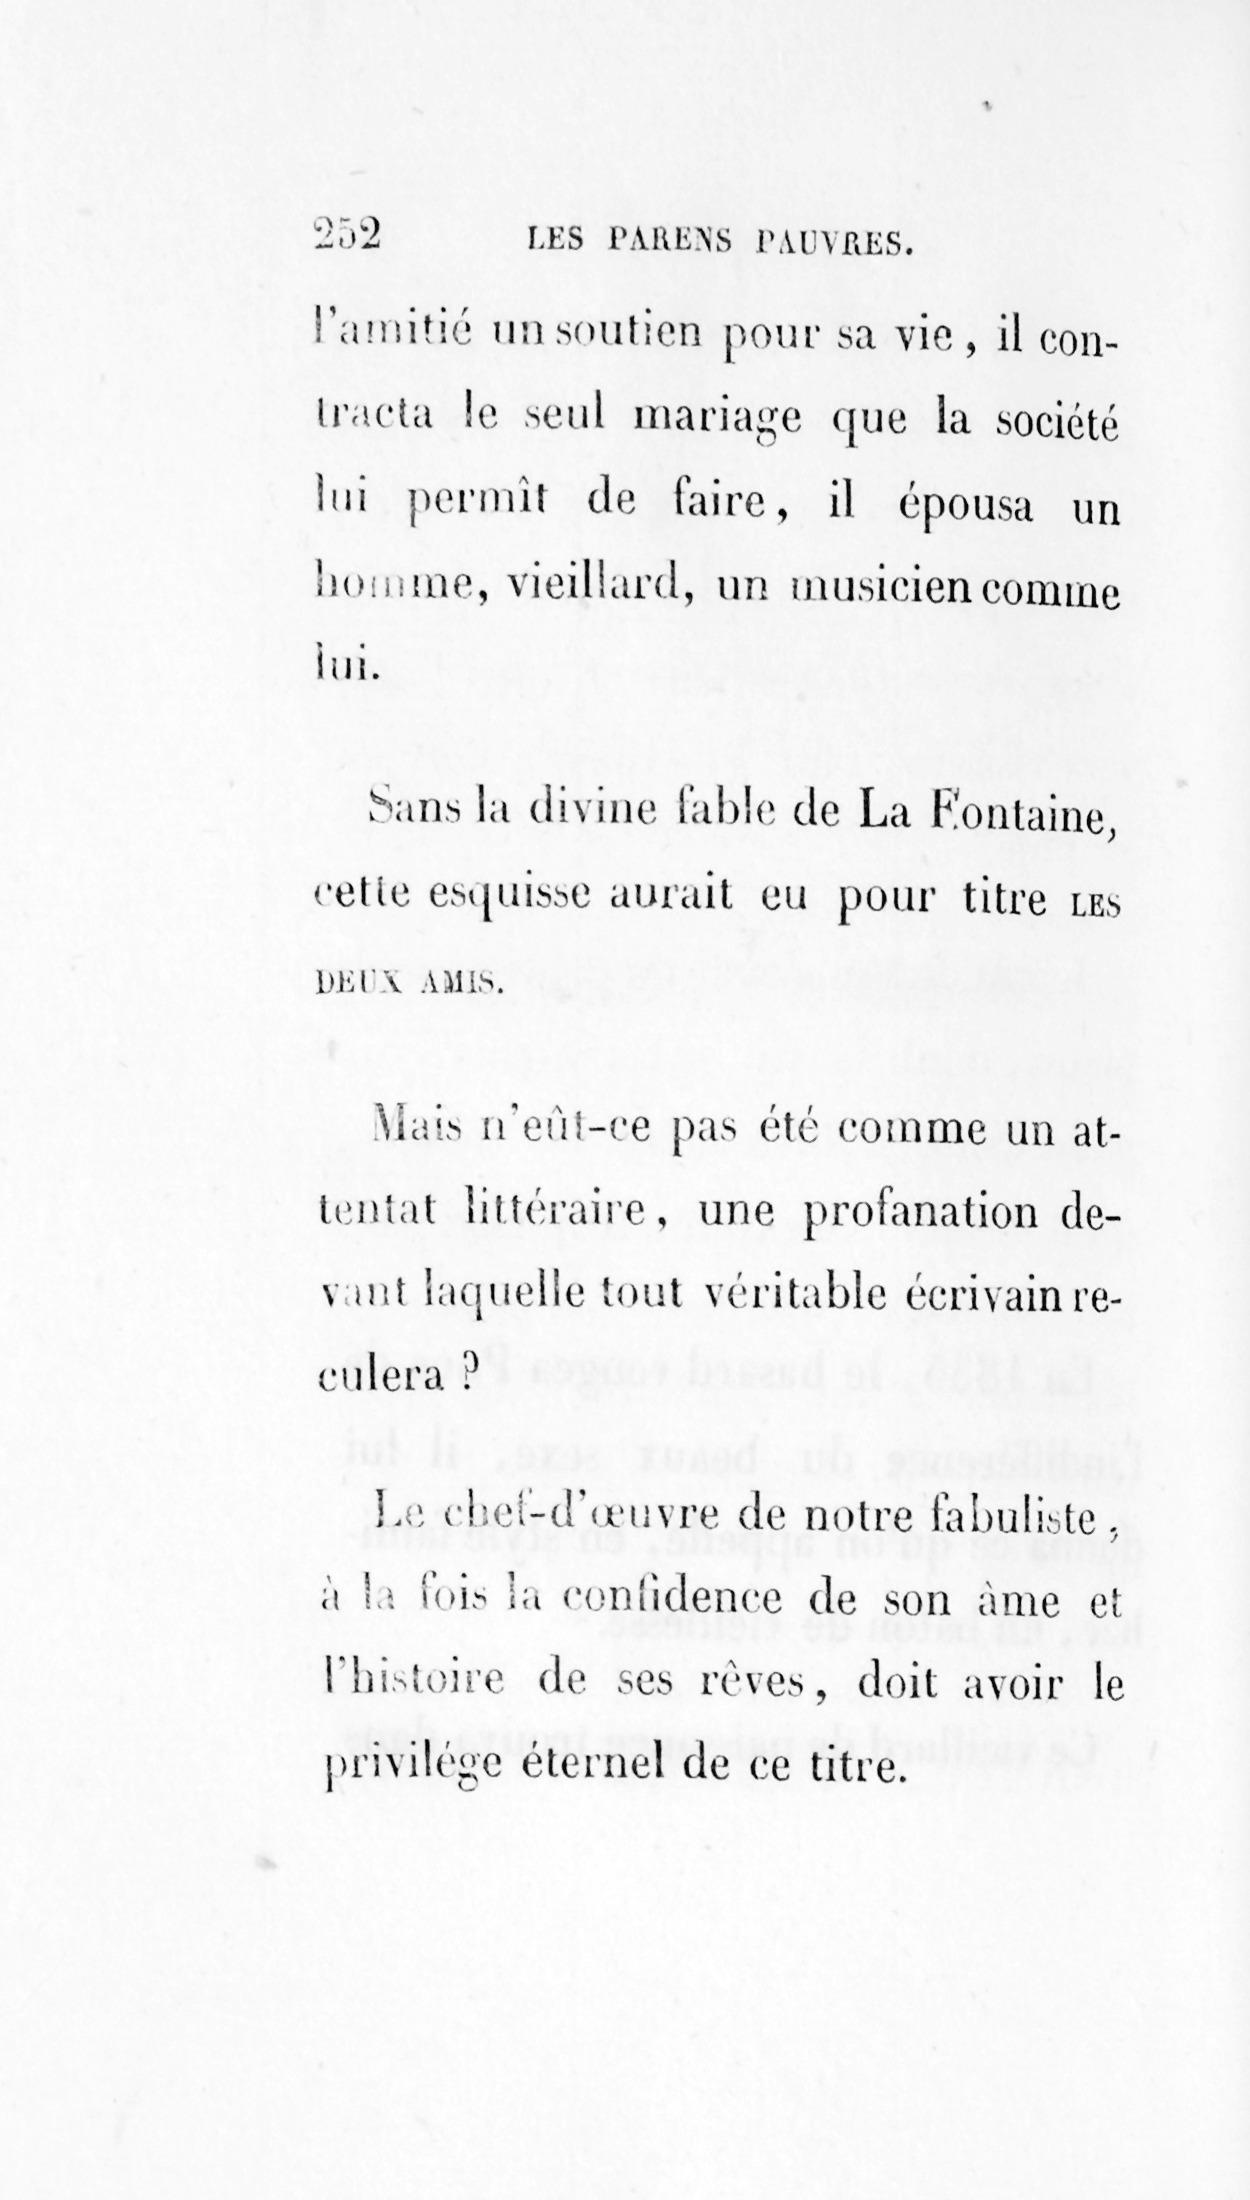 mode designer nouvelle collection super service Comparaison des versions Pétion (1847) et Siècle (1847) de ...